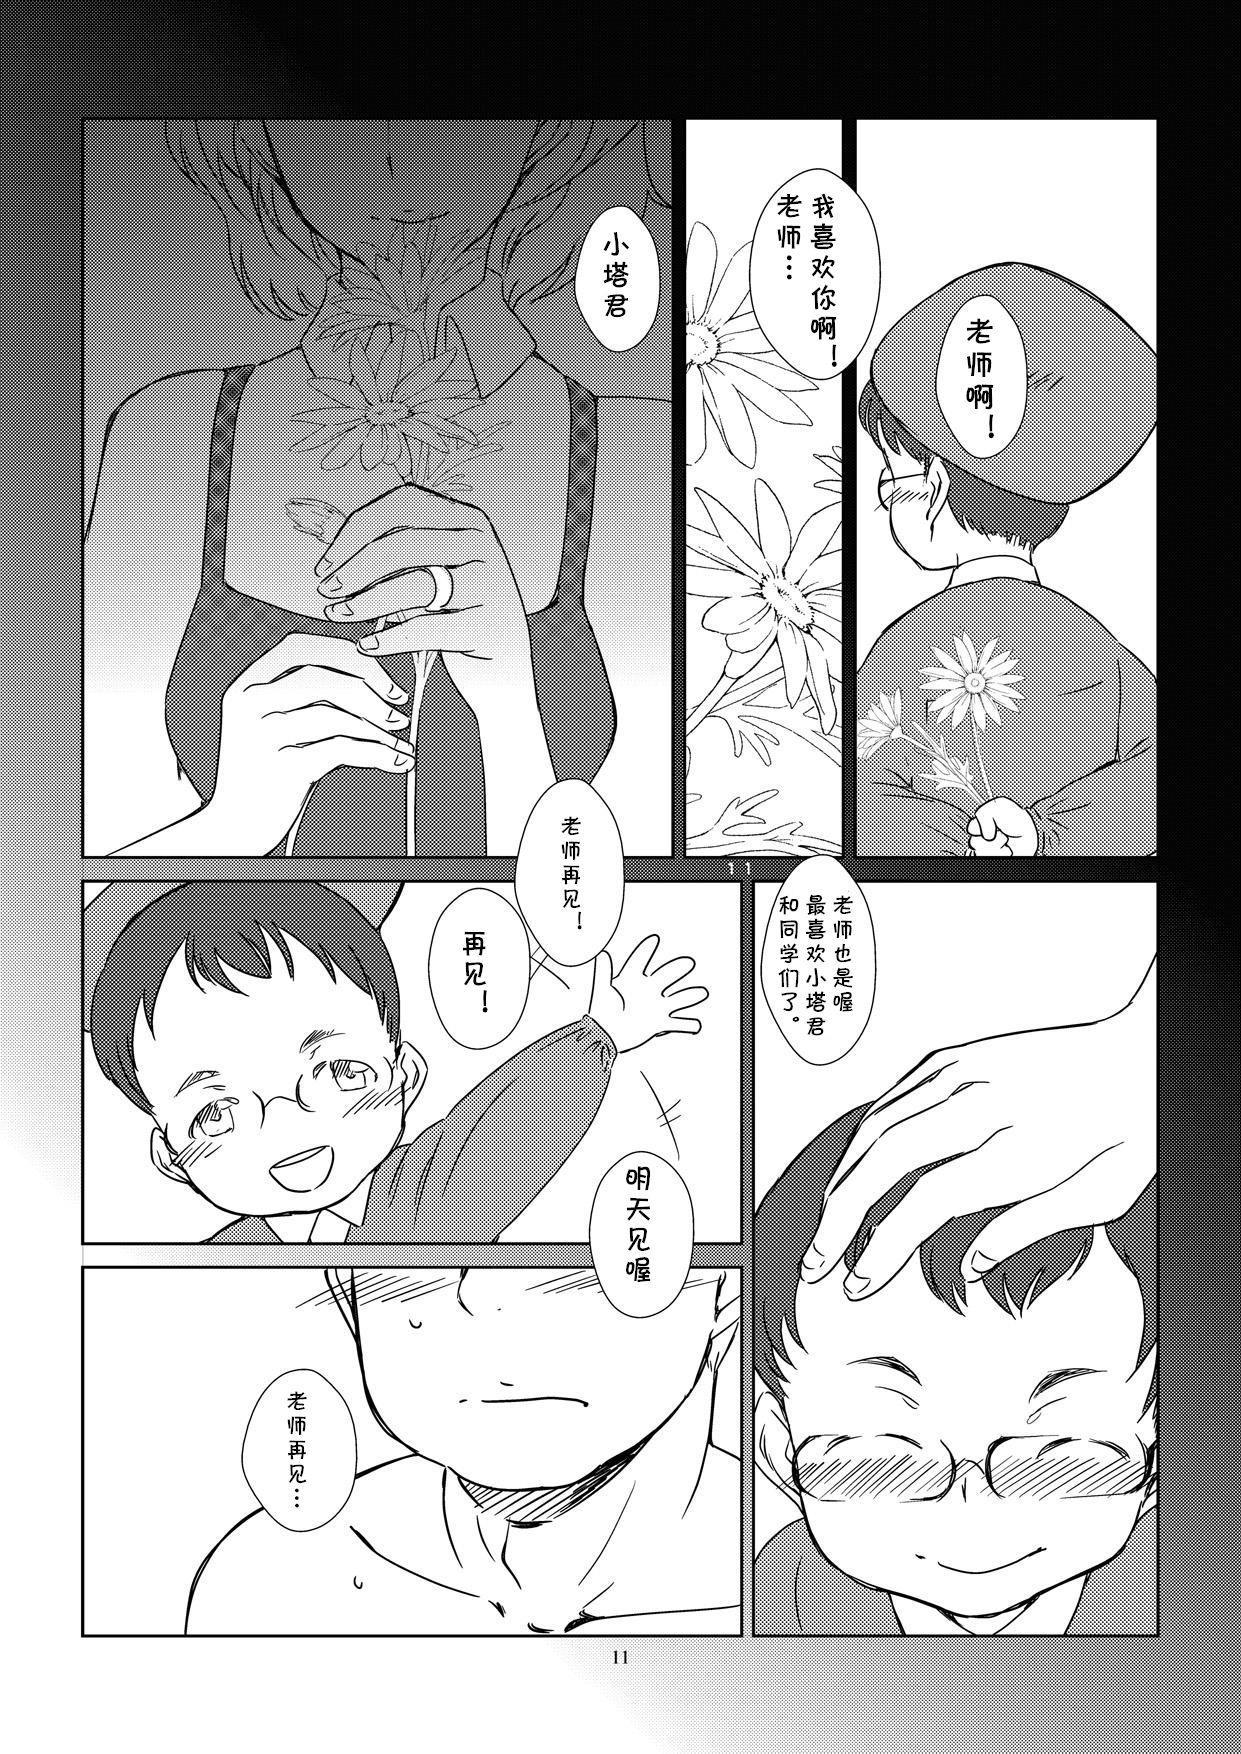 Kasshoku Oneesan no Fudeoroshi Ver. 4 11